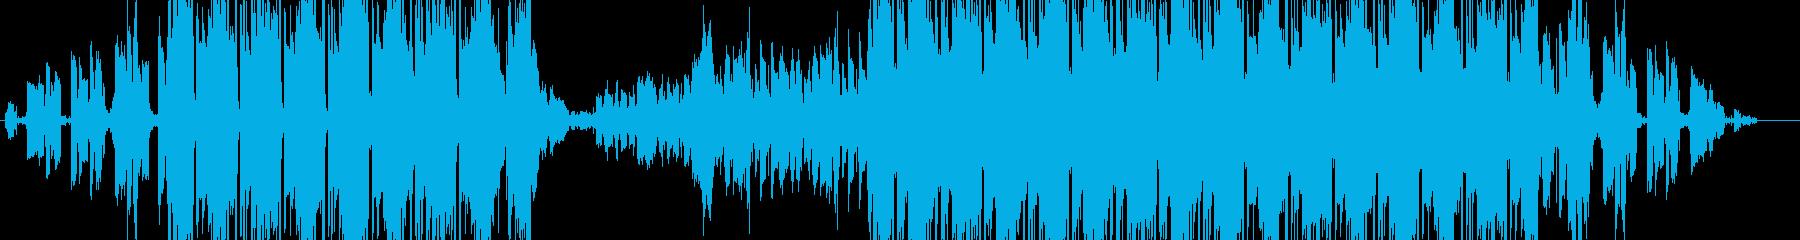 レトロ ポジティブ 明るい エーテ...の再生済みの波形